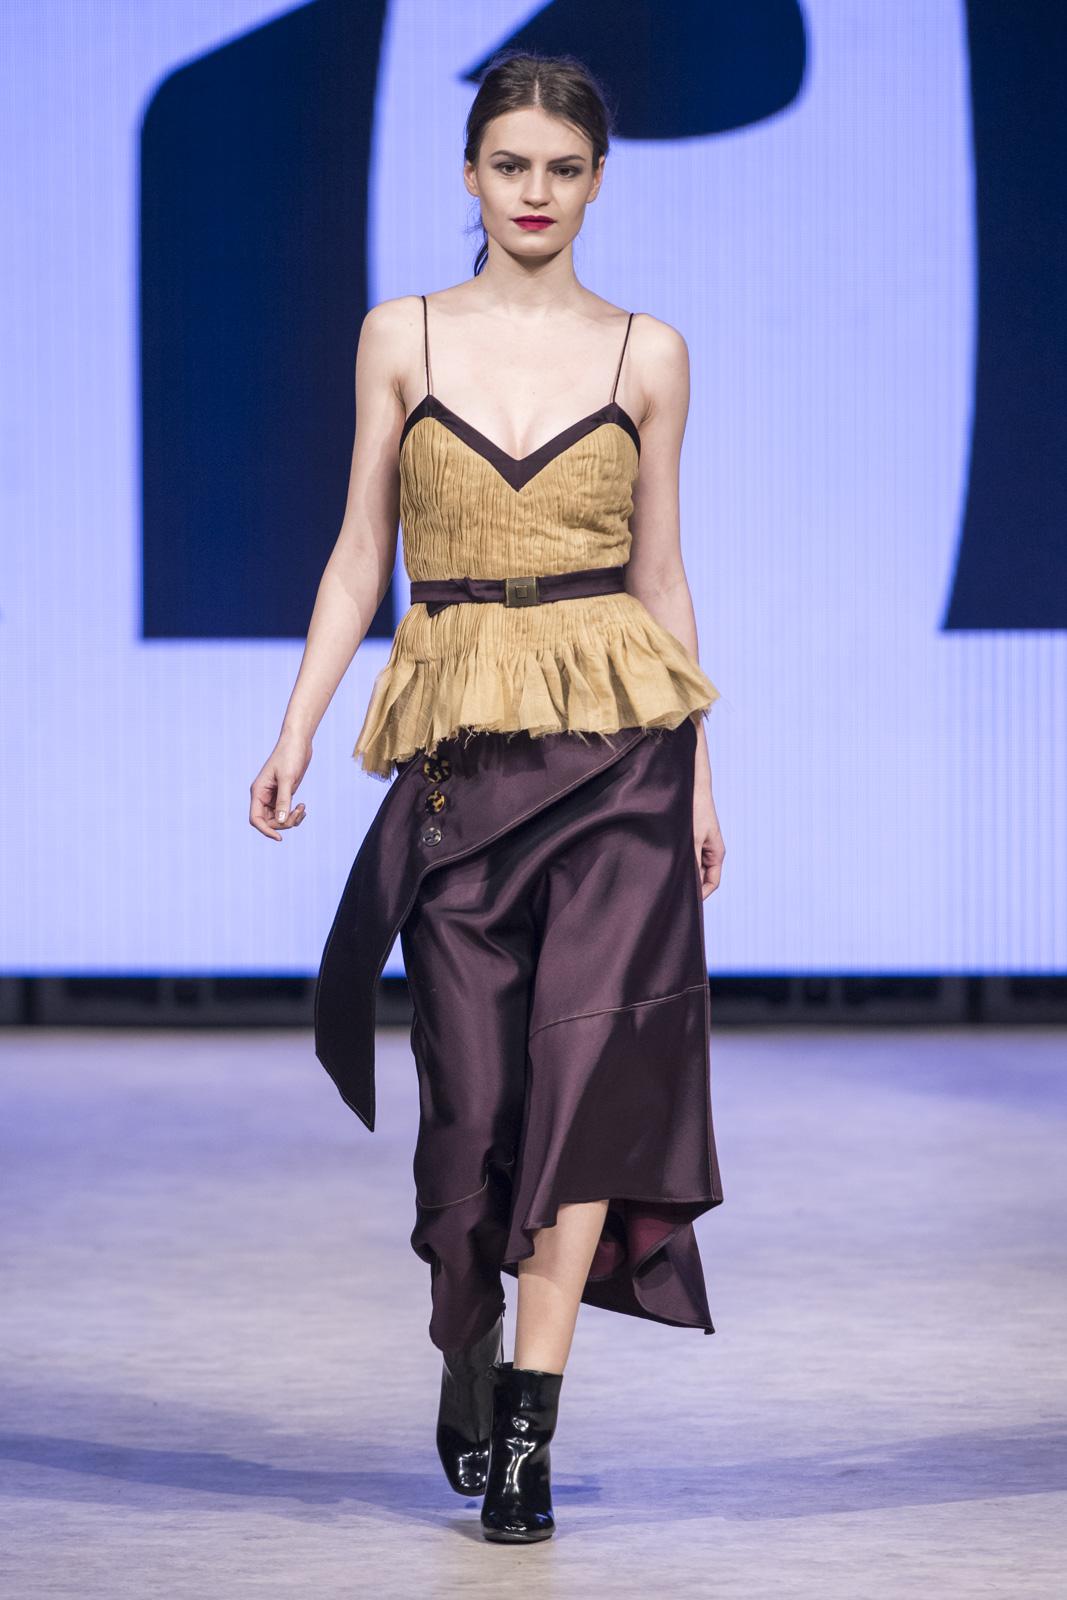 Arlo at Vancouver Fashion Week